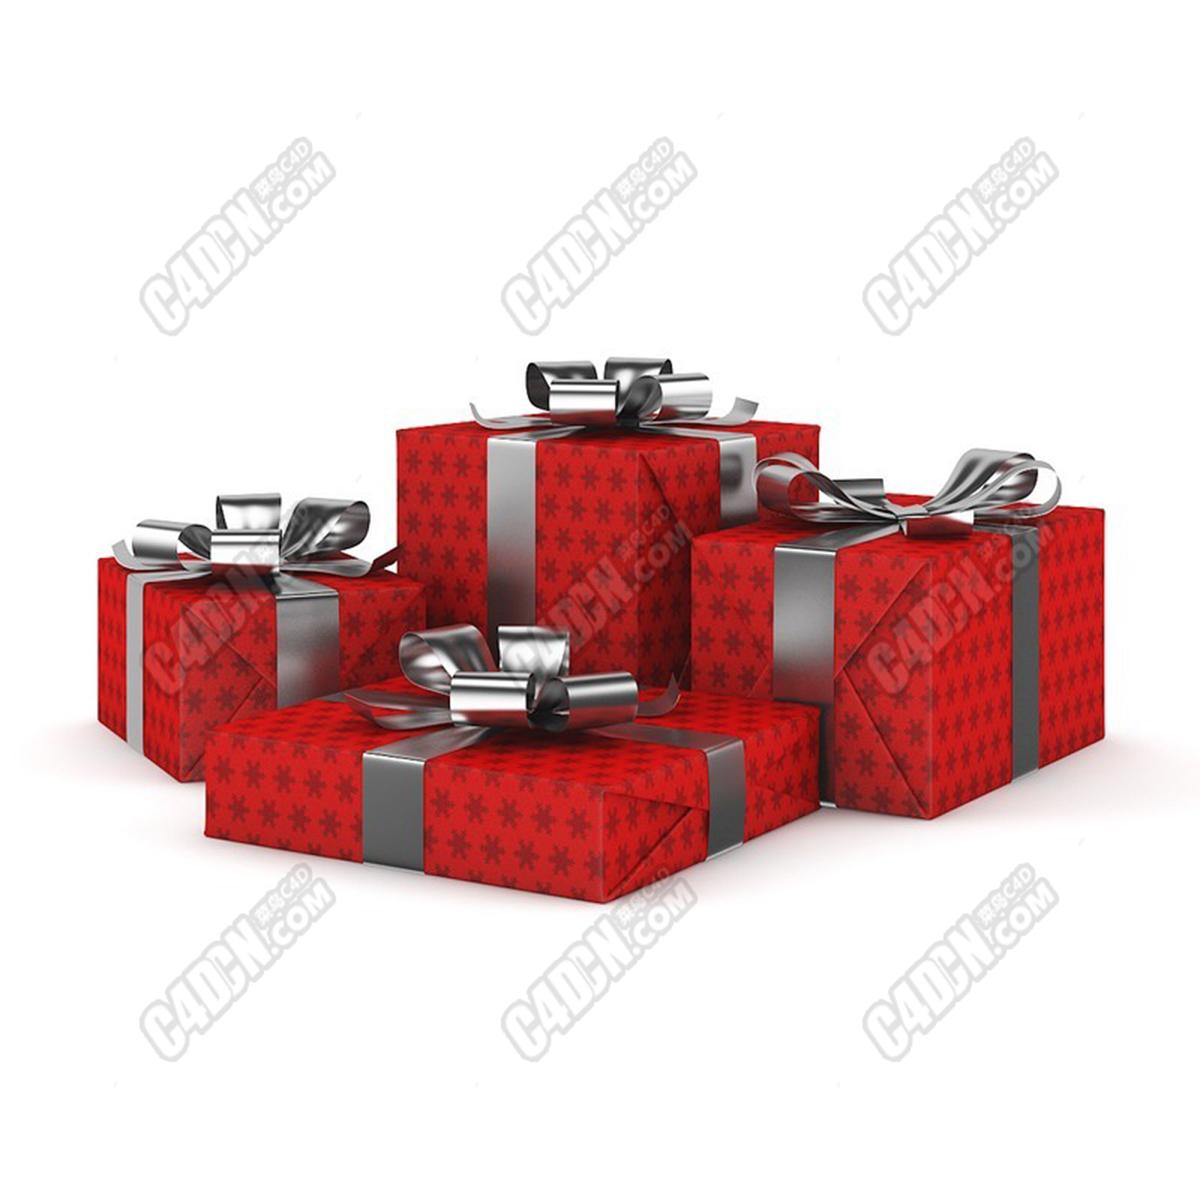 C4D丝带包装礼品盒礼物包装盒节日模型